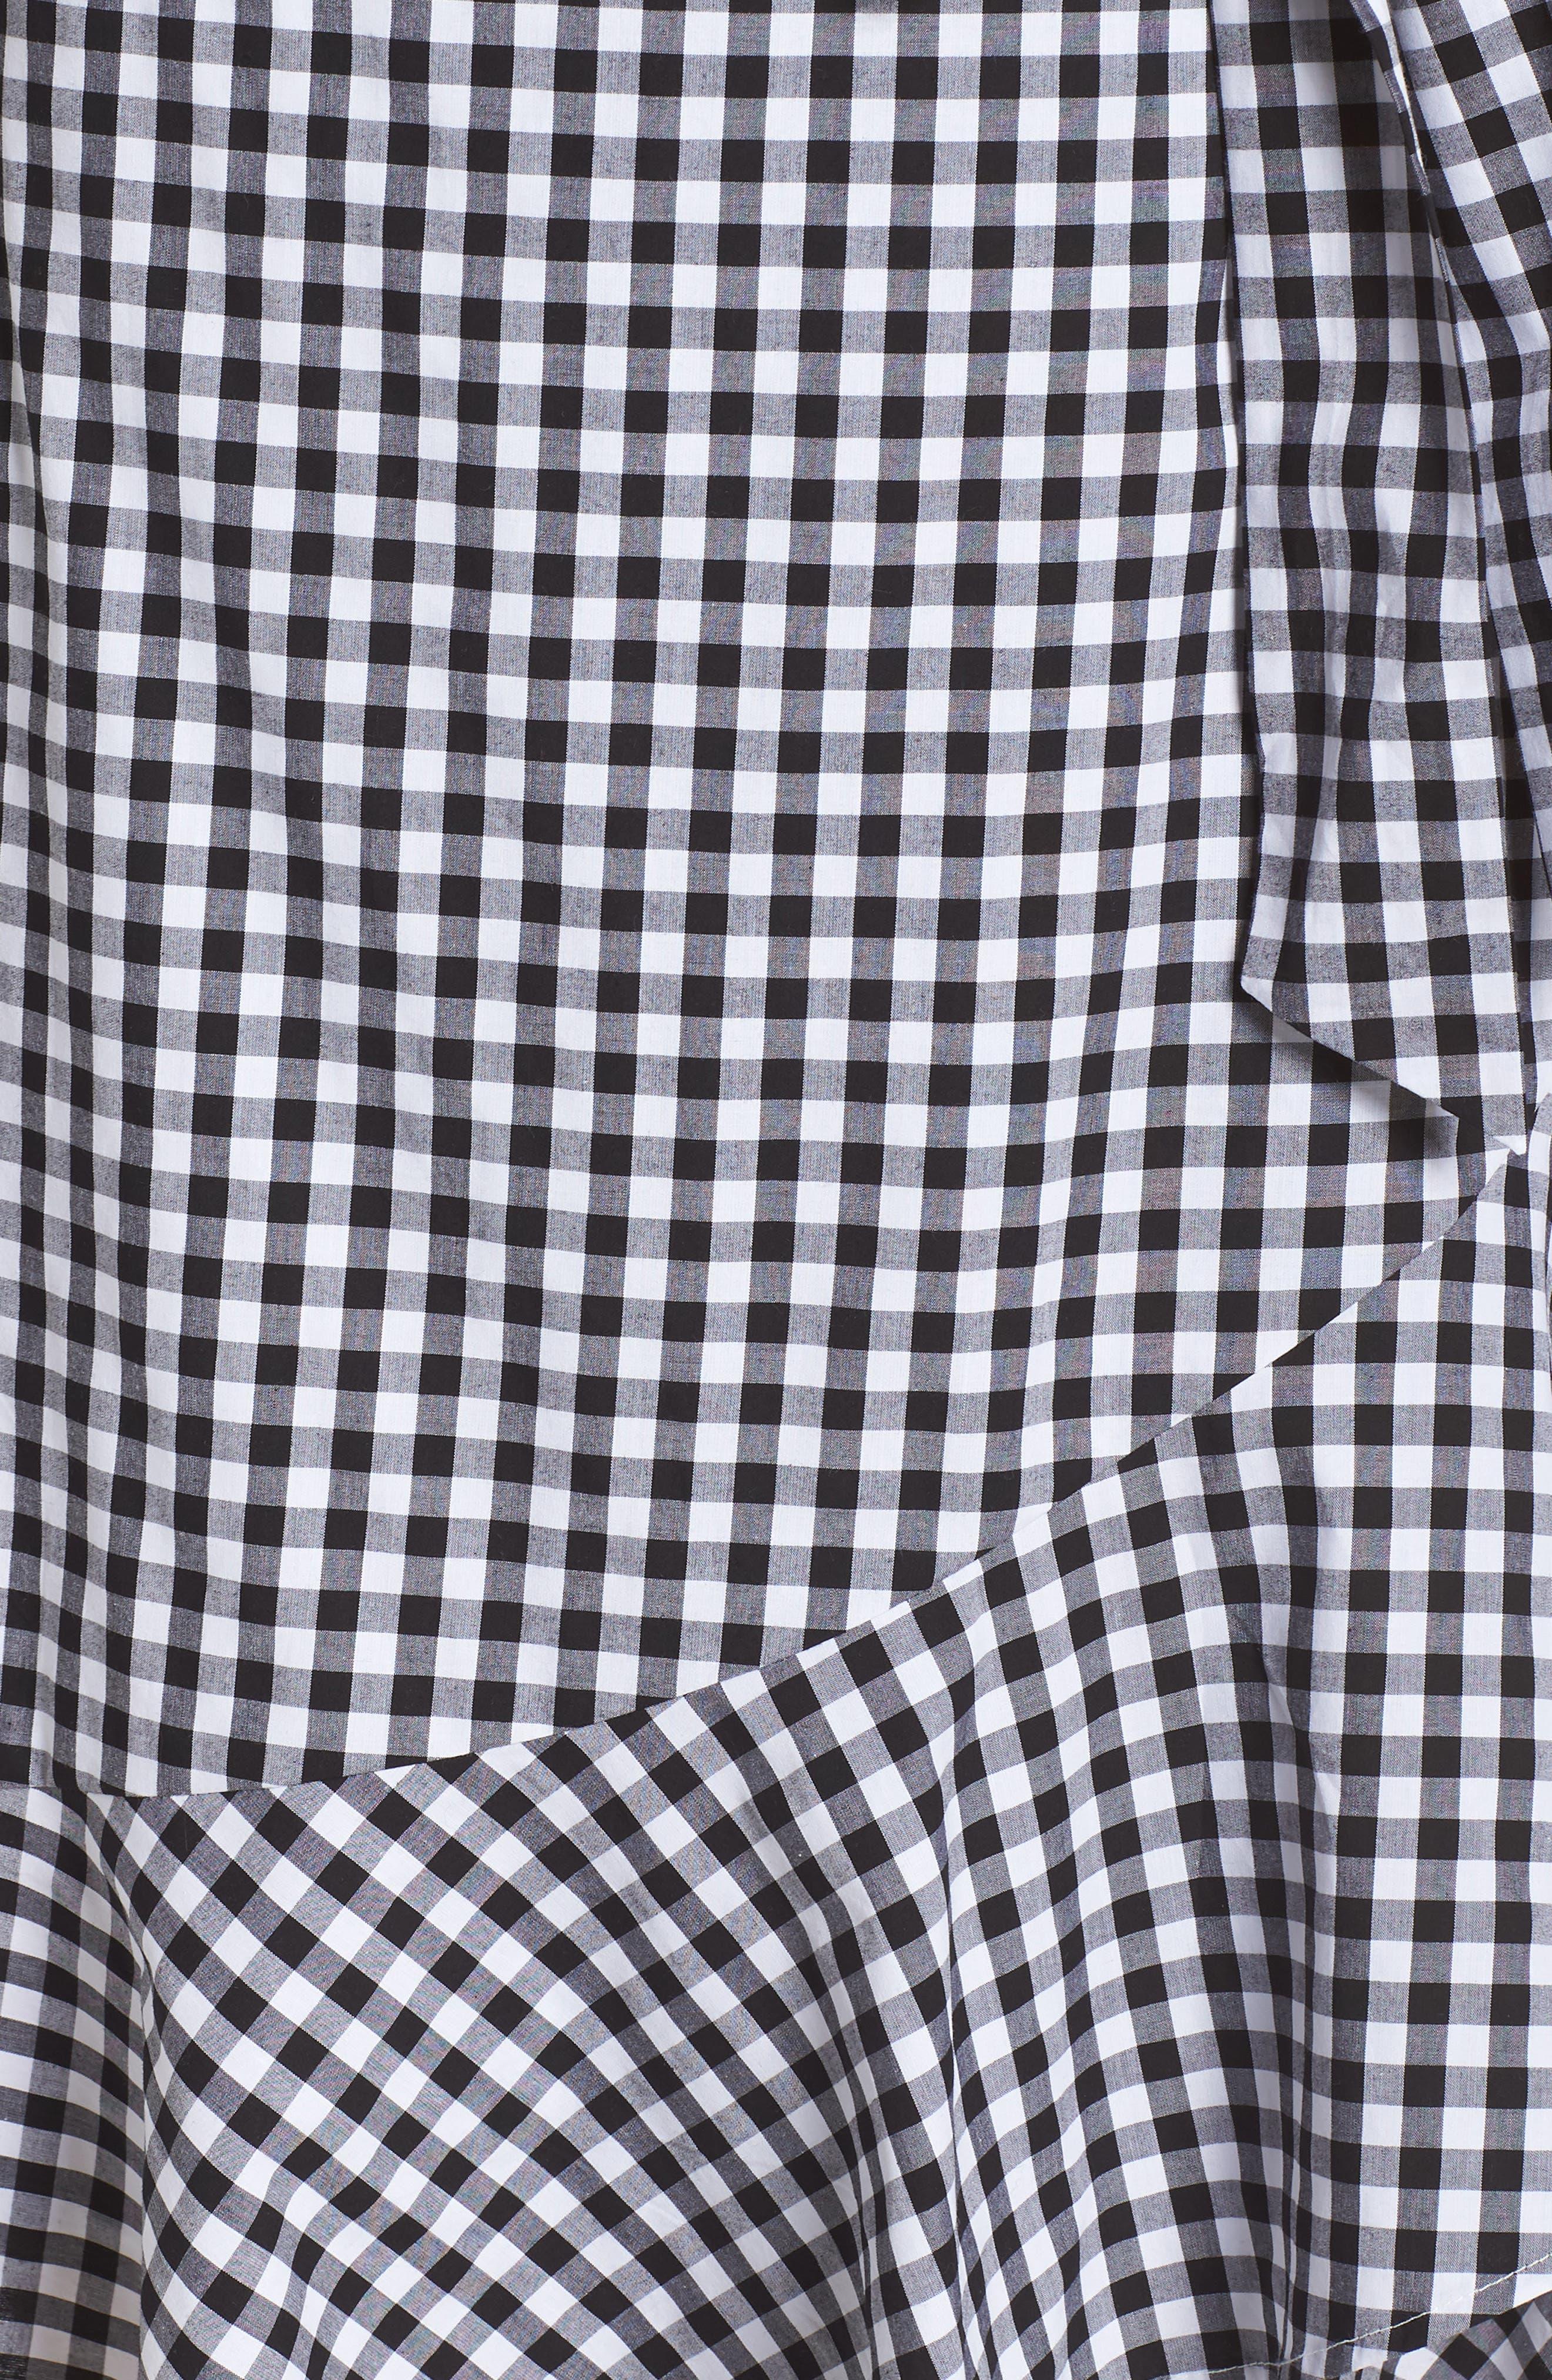 Belted Ruffle Hem Gingham Dress,                             Alternate thumbnail 6, color,                             Black/ White